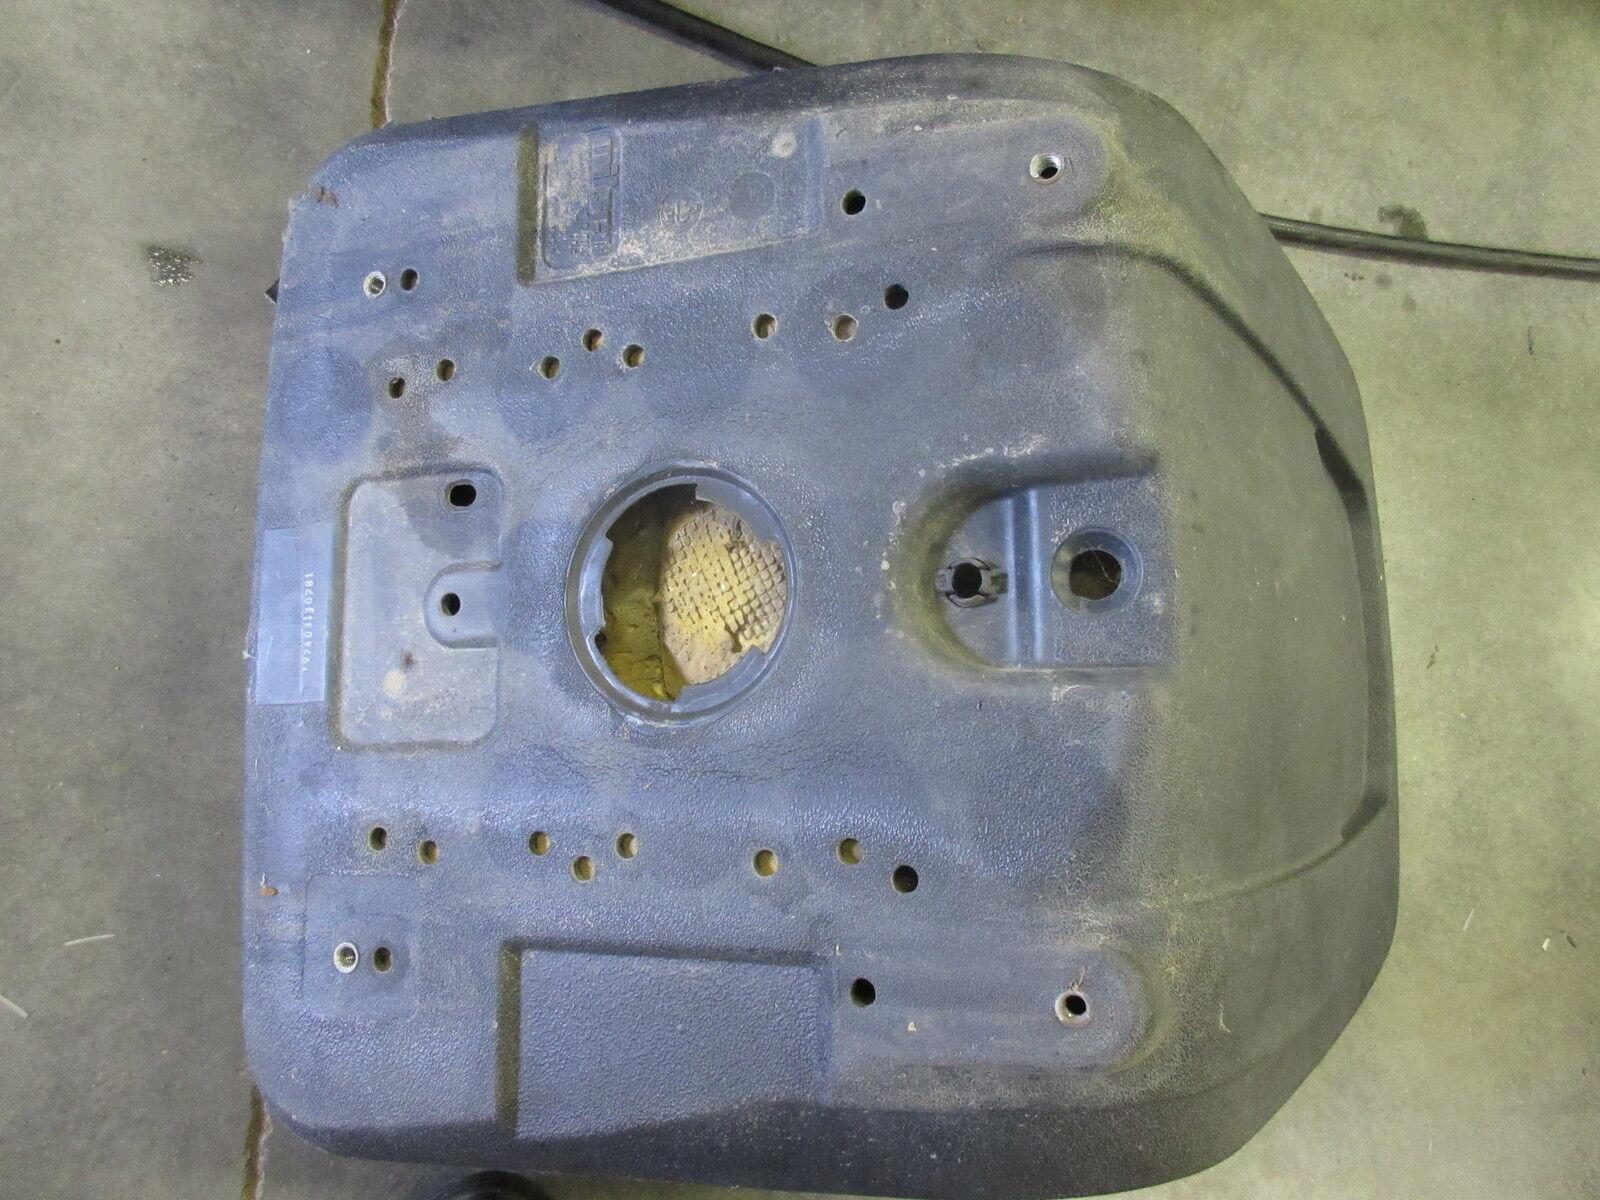 06-13 ARCTIC CAT PROWLER UTV SEAT ASSEMBLY 500 650 700 1000 XT XTX XTZ 1506-925